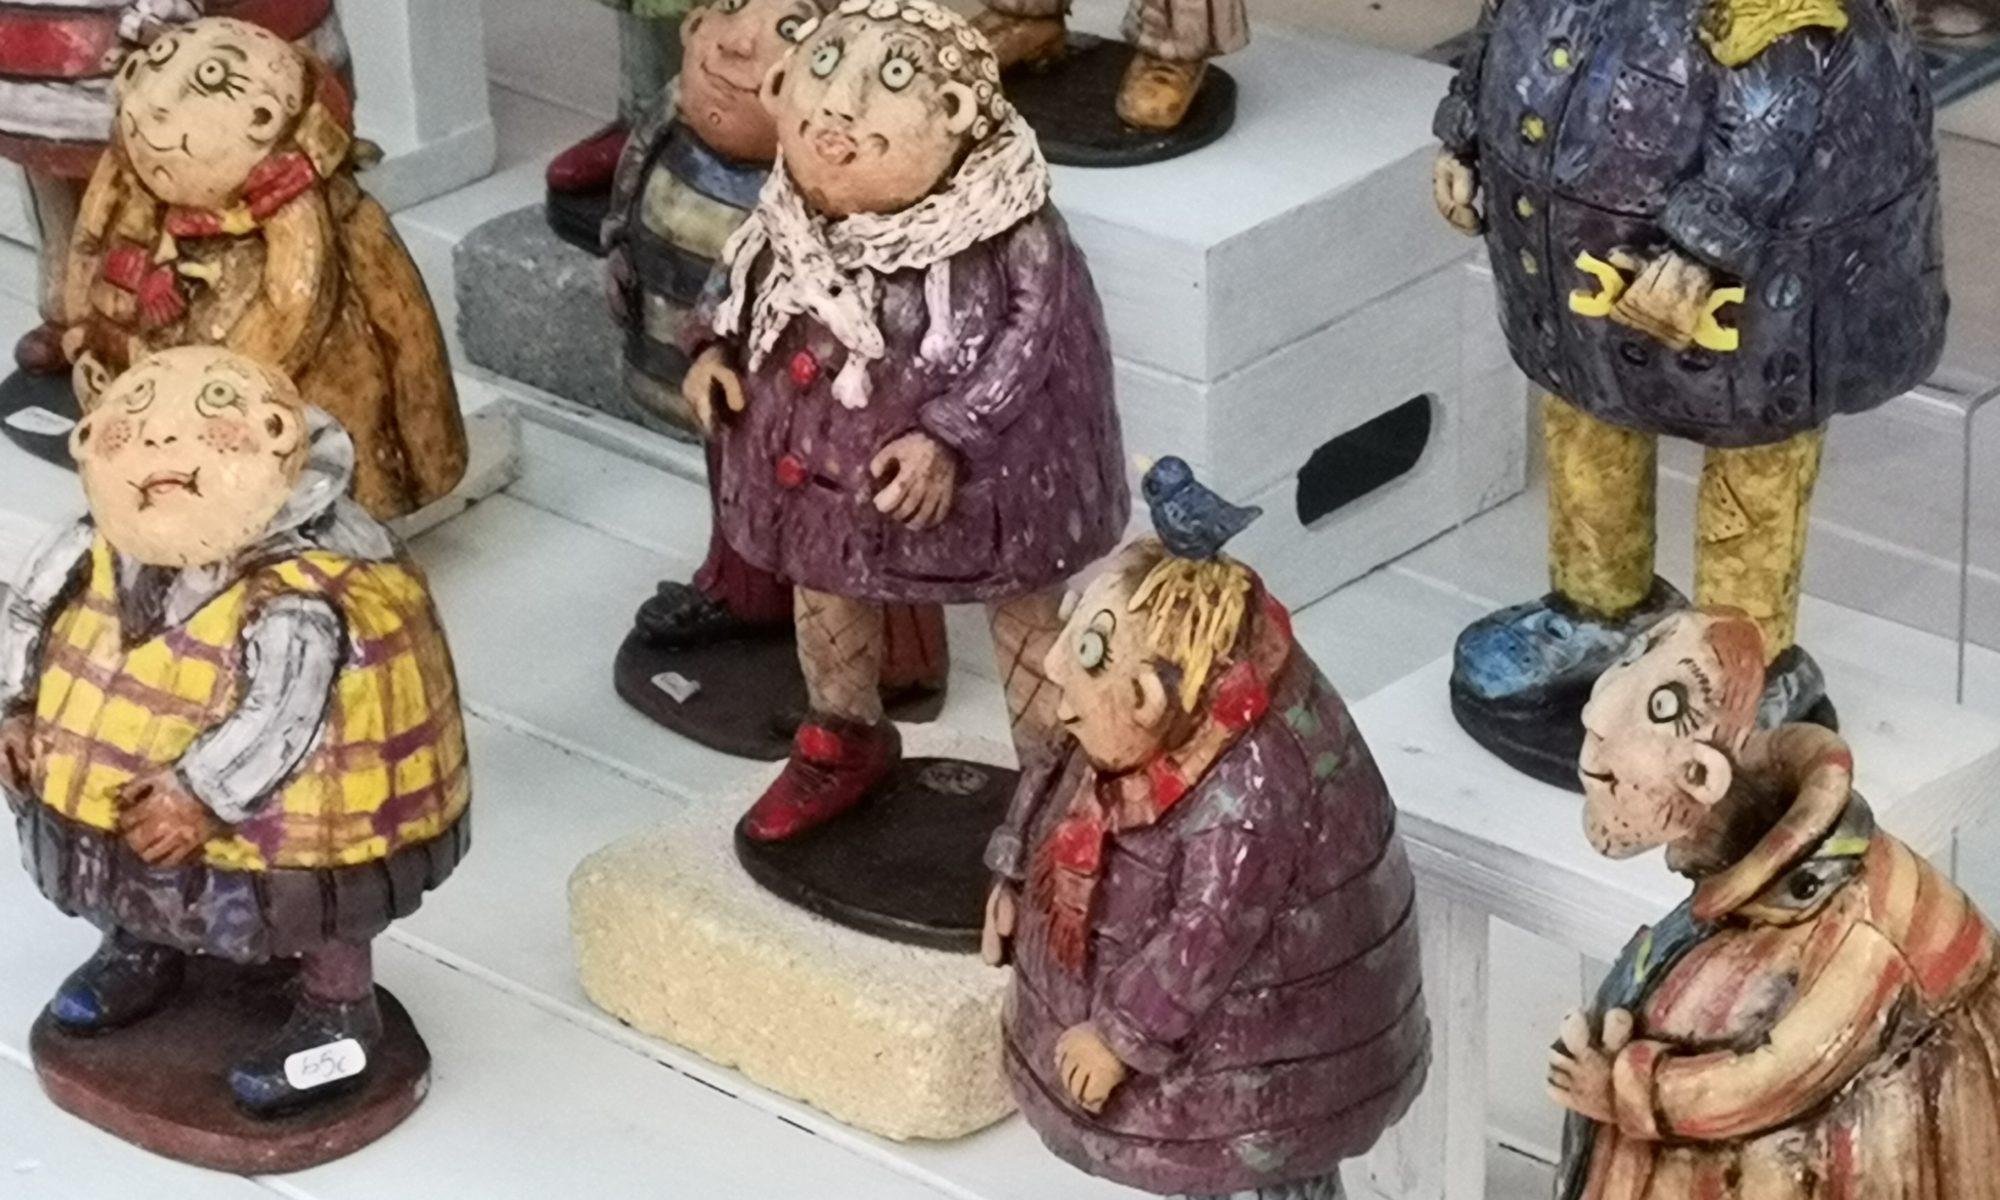 Vente de céramiques à Céret - août 2018